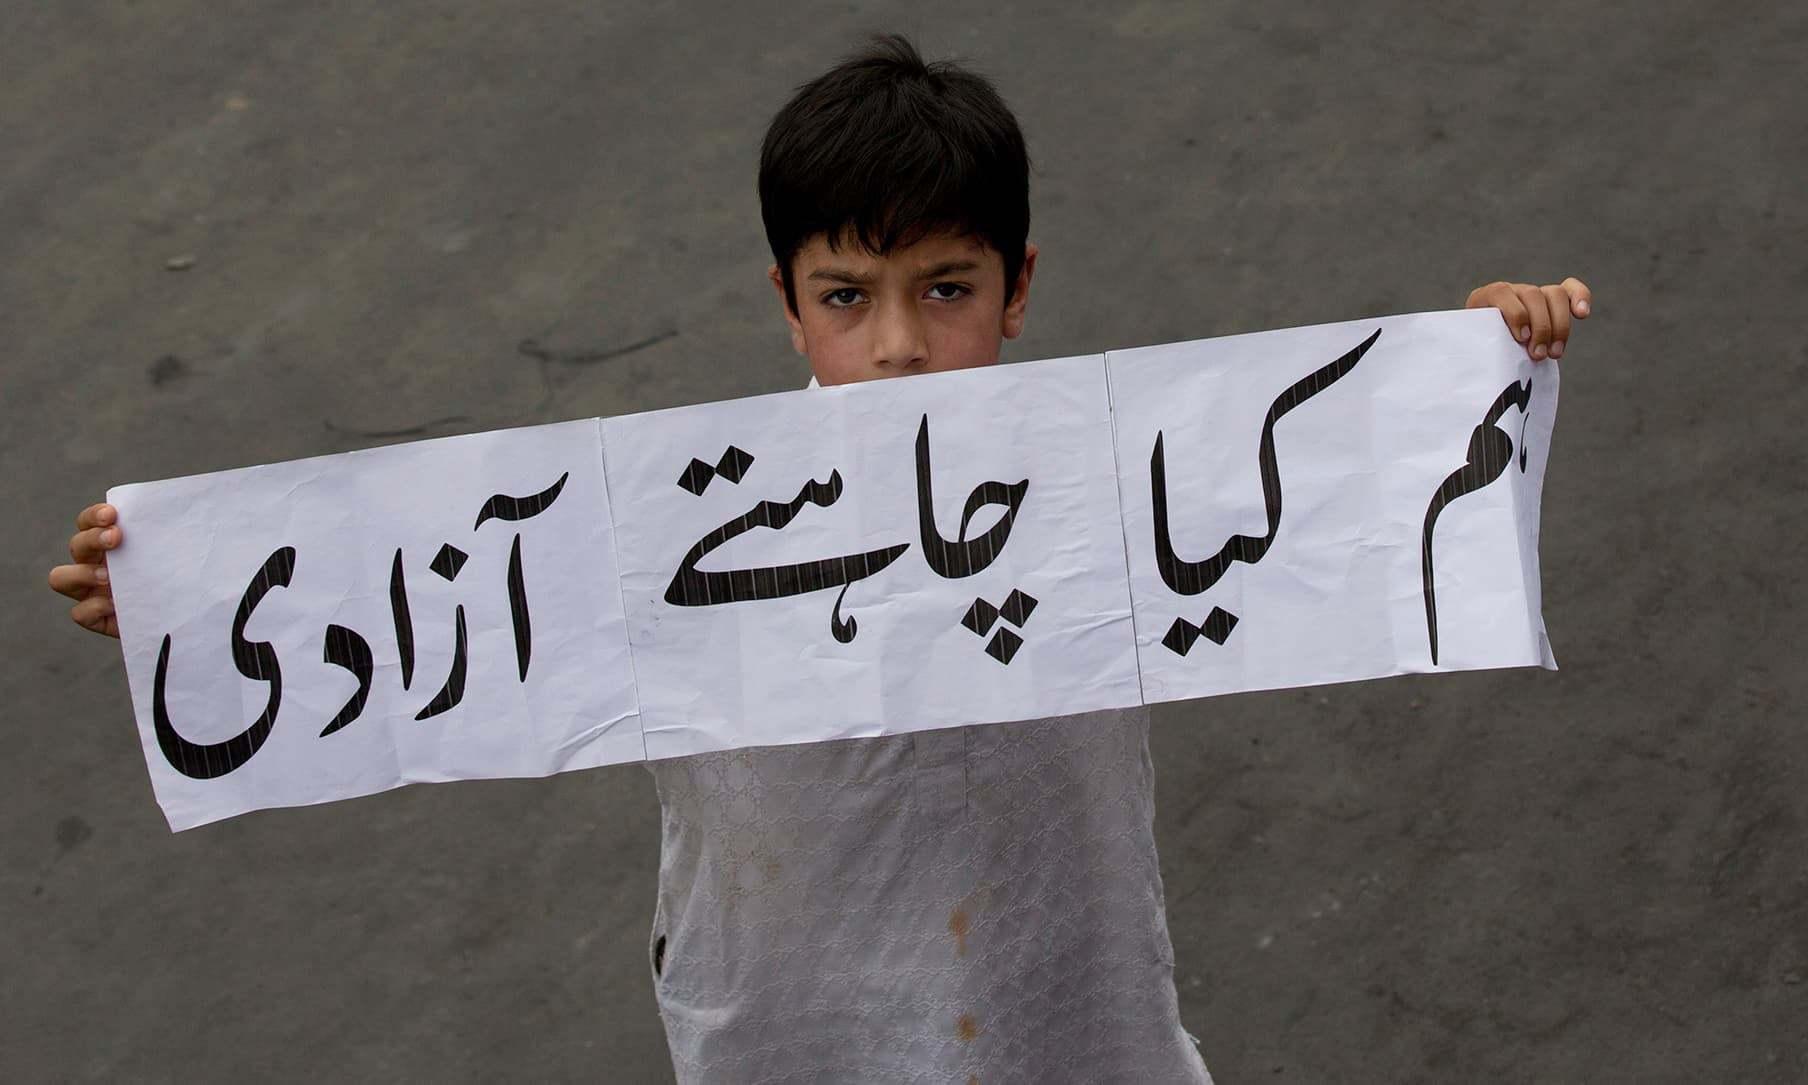 دفتر خارجہ نے بھارت کی جانب سے کشمیریوں کے بنیادی مذہبی حقوق پر قدغن لگانے کی مذمت کی۔ — فائل فوٹو/اے پی